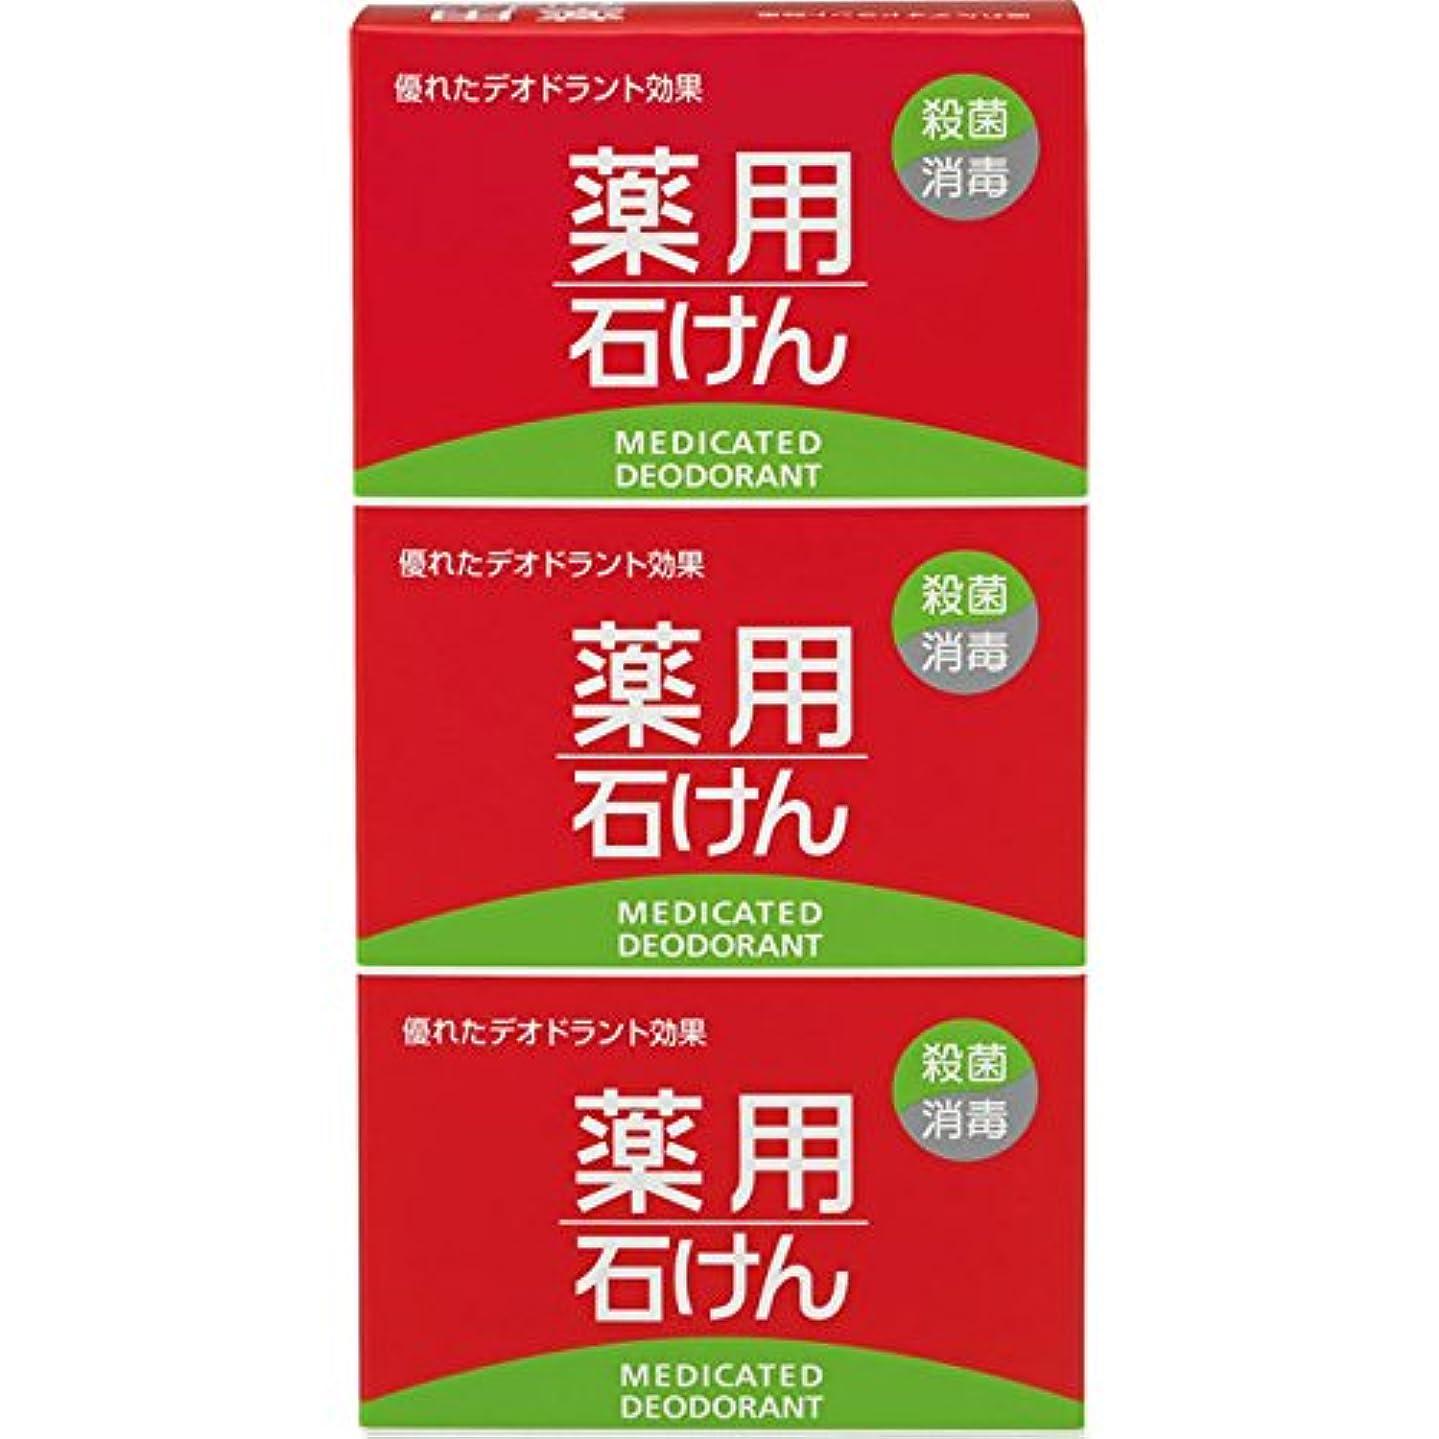 友だちアームストロング高齢者熊野油脂 薬用石けん 100g×3個 (医薬部外品)